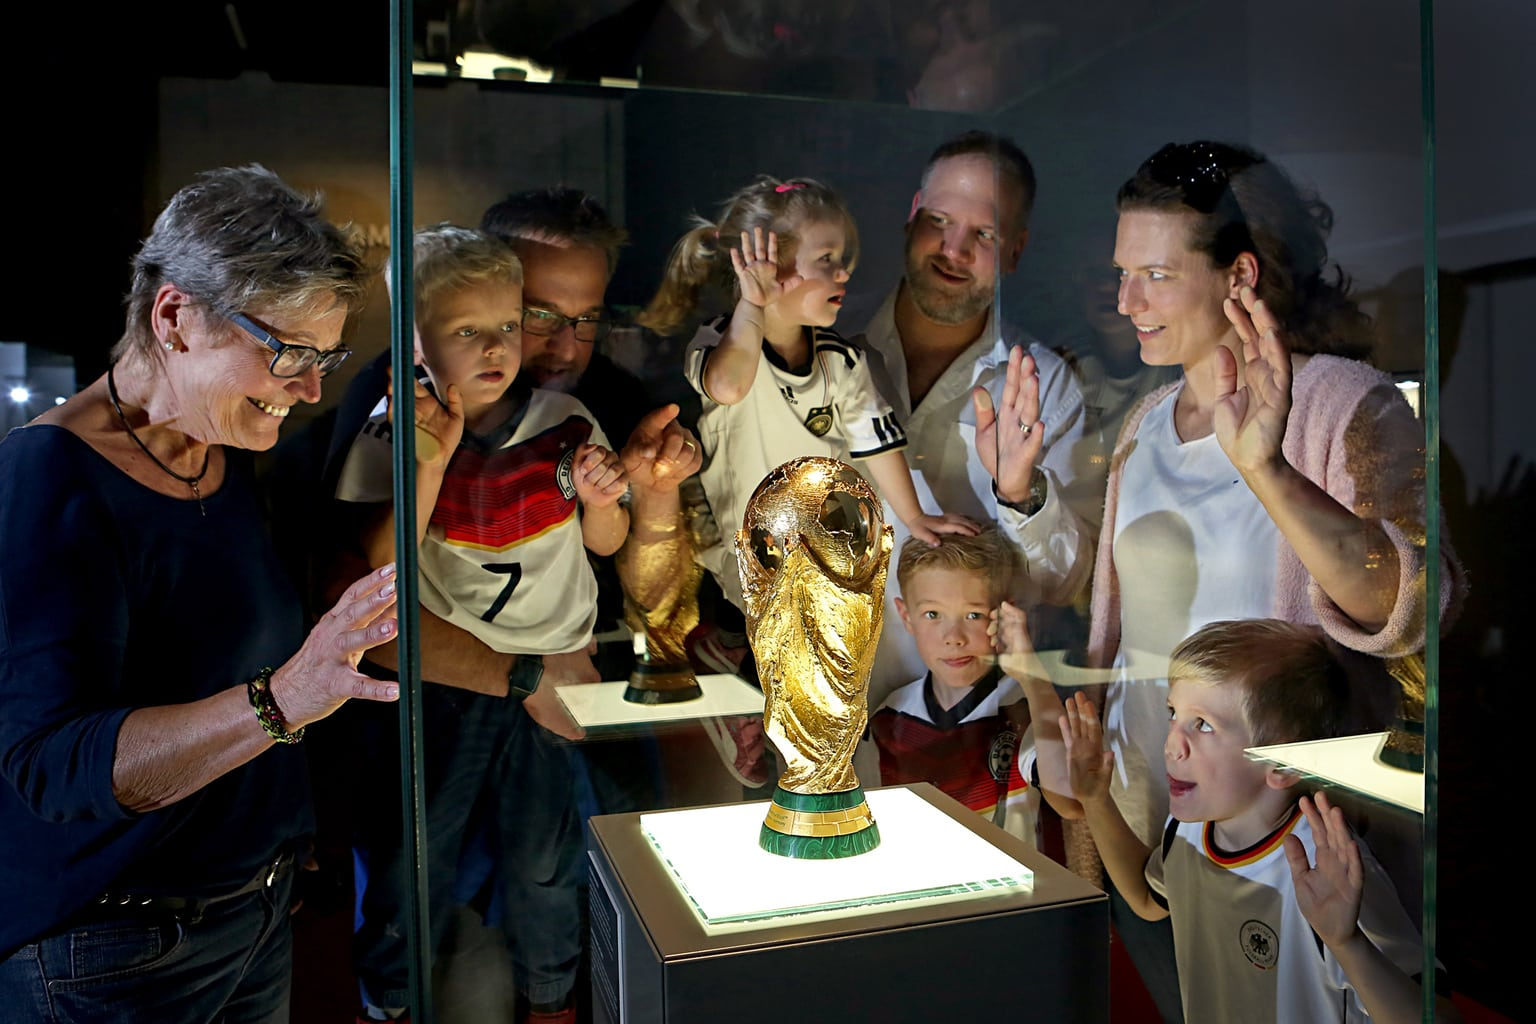 De wereldbeker voetbal in het voetbalmuseum met toeschouwers